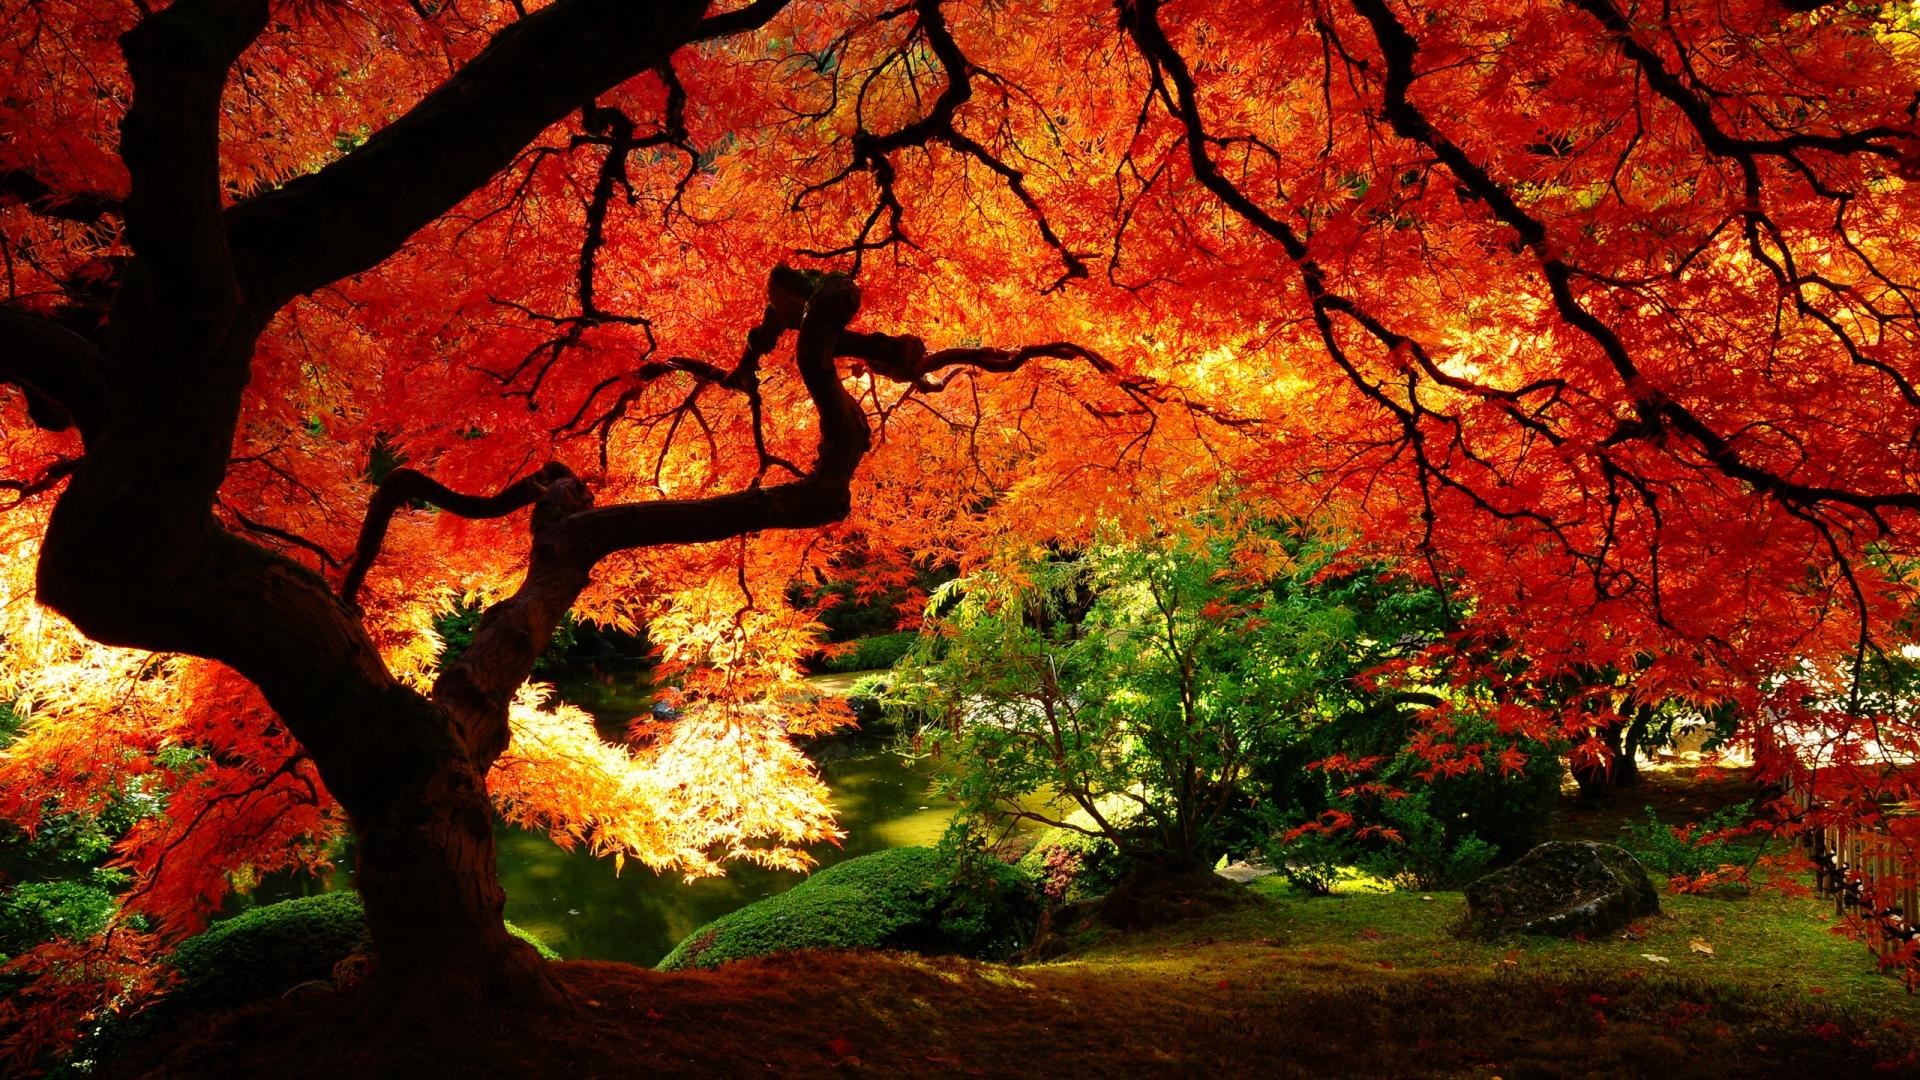 Fall Nature Photos #7017375